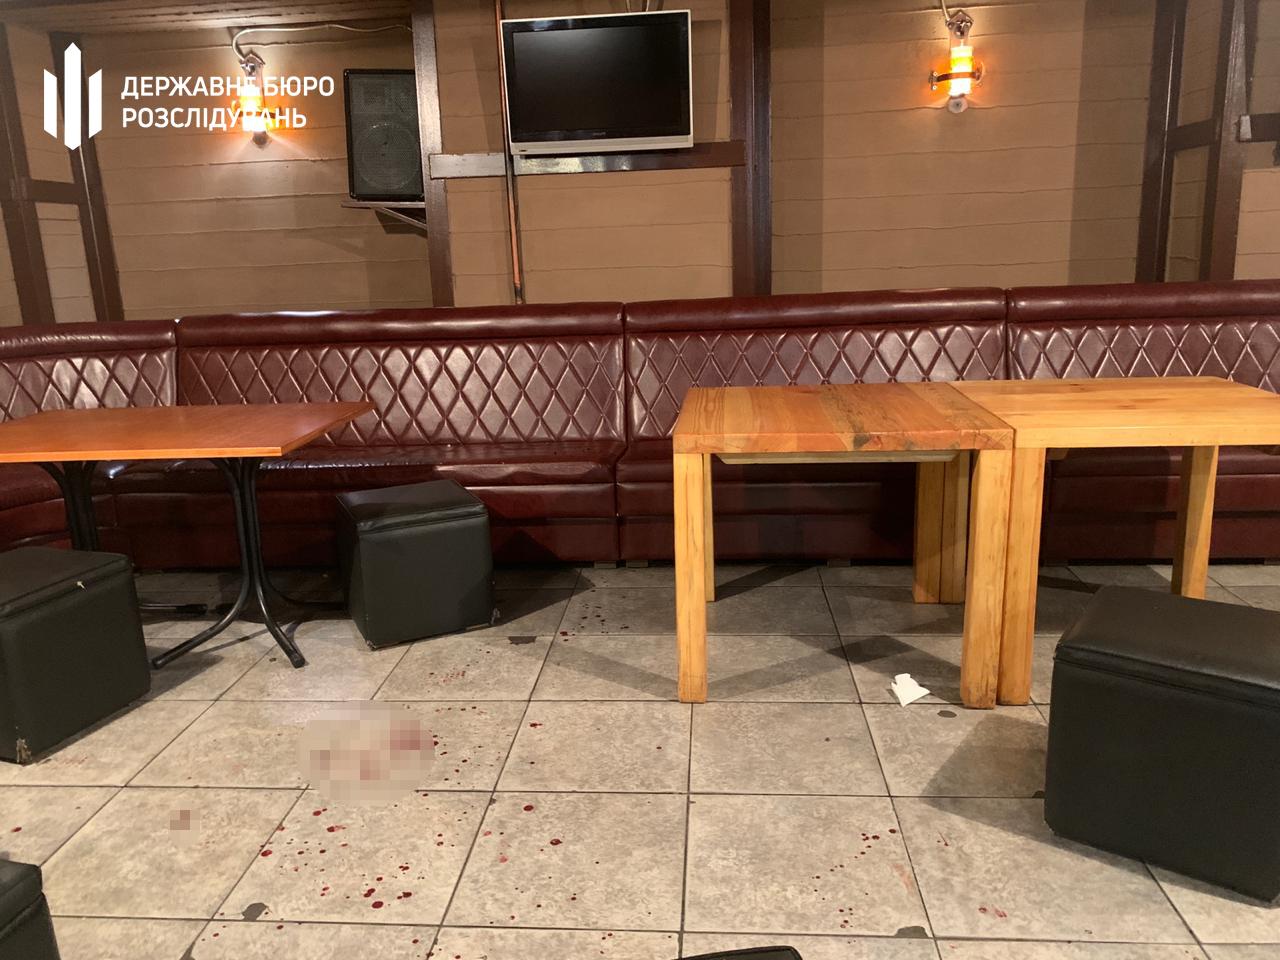 В Полтаве пьяный сотрудник СБУ устроил стрельбу в ночном клубе - ГБР